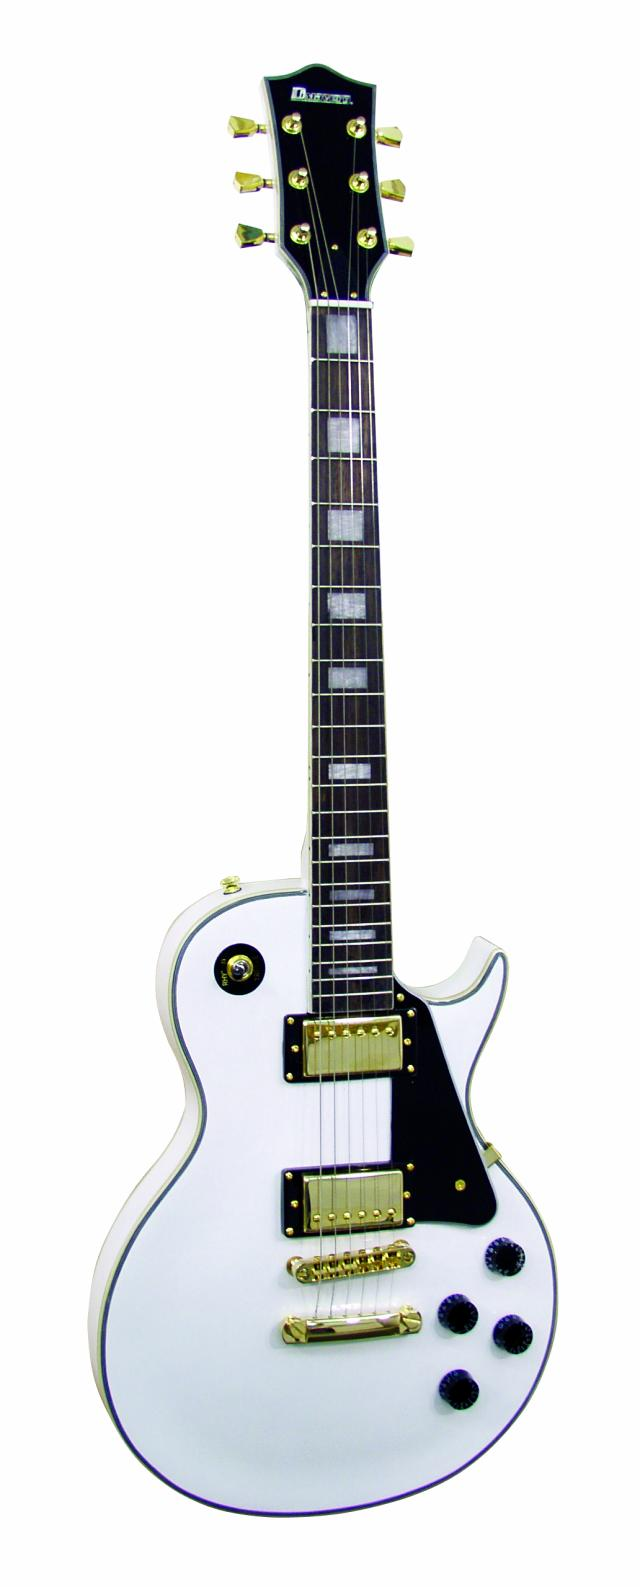 Fotografie Dimavery LP-520 elektrická kytara, bílá